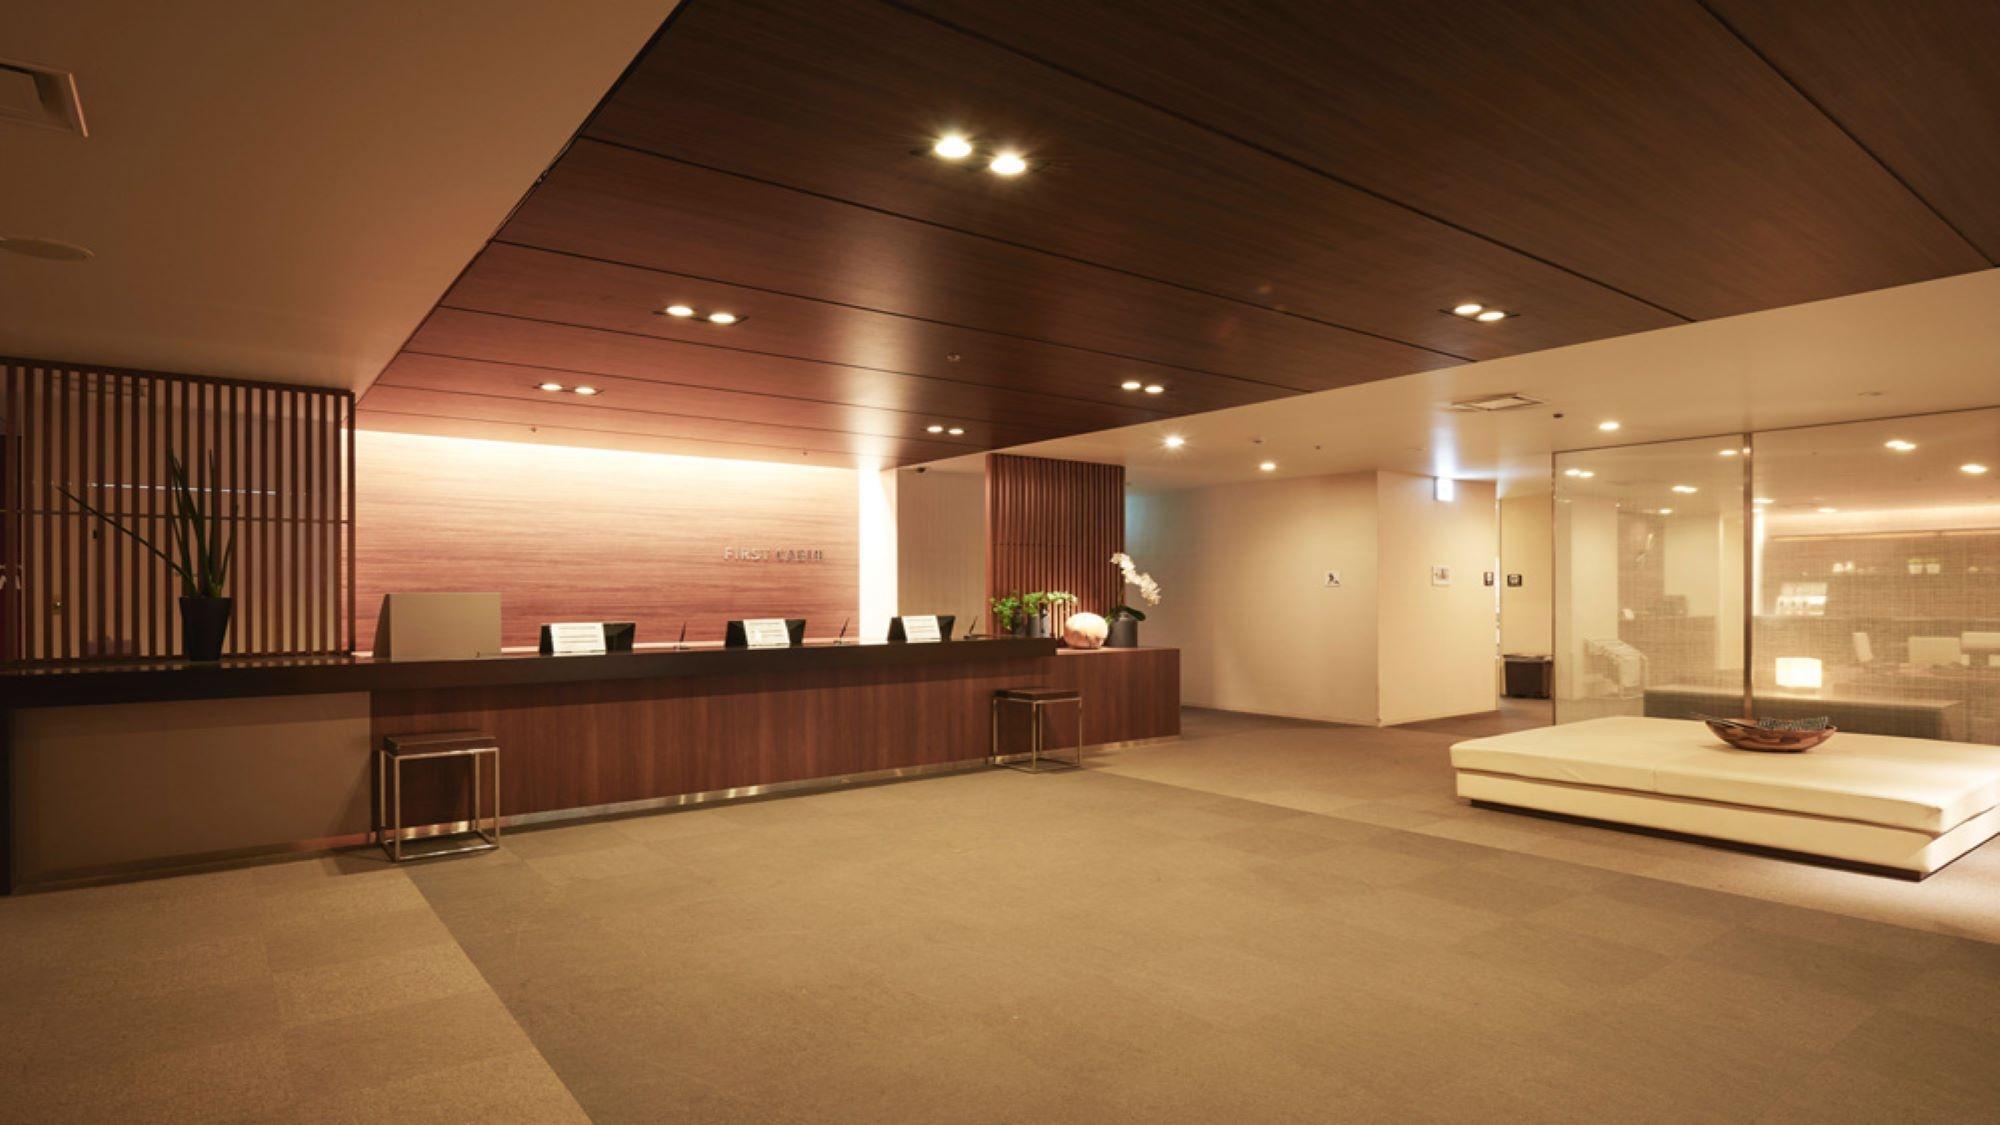 FIRST CABIN(ファーストキャビン) 羽田ターミナル1 image